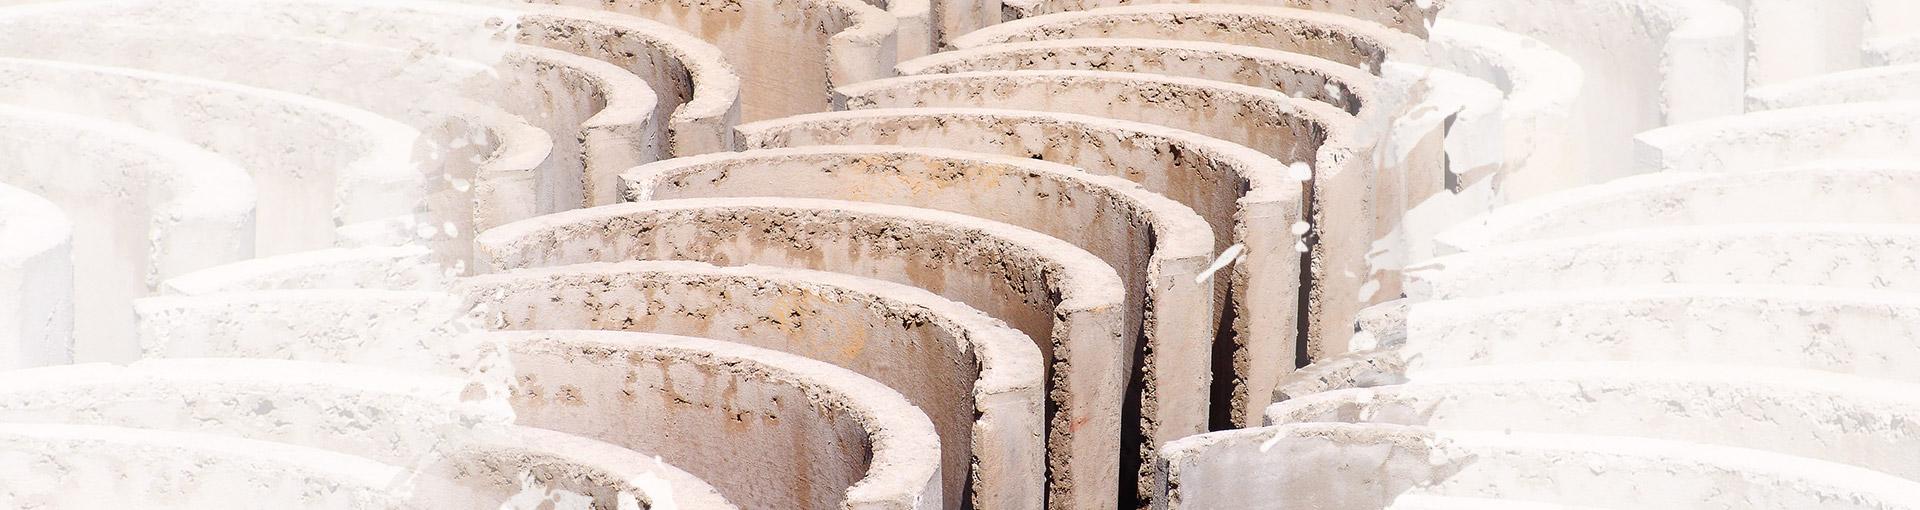 Artefatos de cimento Confira nossos produtos - Campos Artefatos de Cimento - Tubos de Concreto